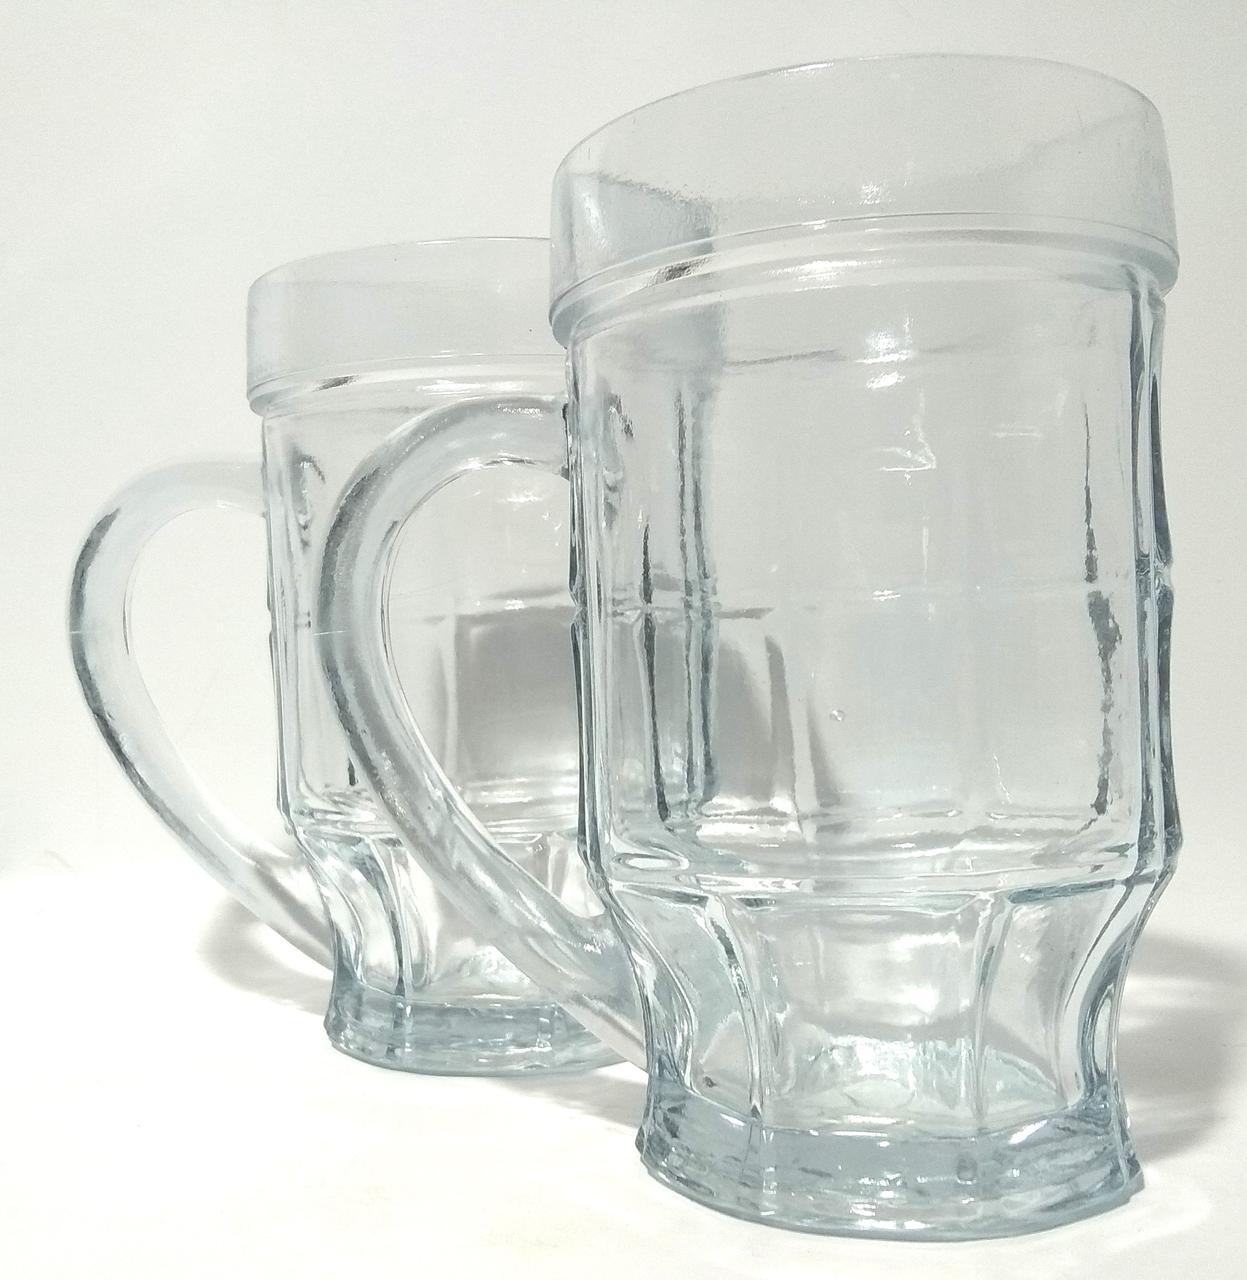 Набор кружек для пива Пинта 500г 2 шт в наборе подарочная упаковка, 0743